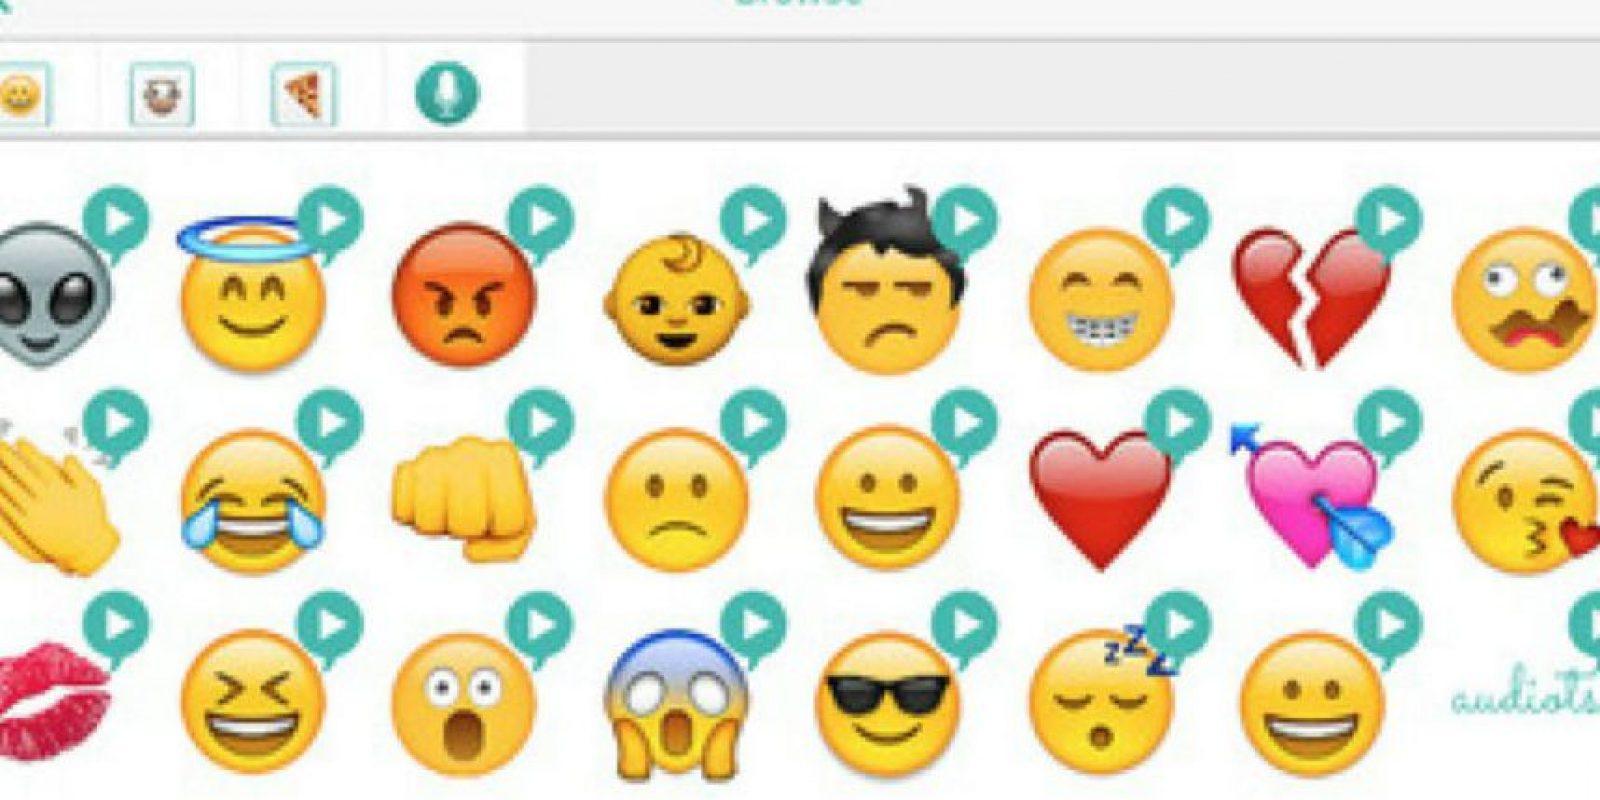 """""""Audiots"""" les permite enviar emojis con sonido. Foto:Vía emojipedia.org"""